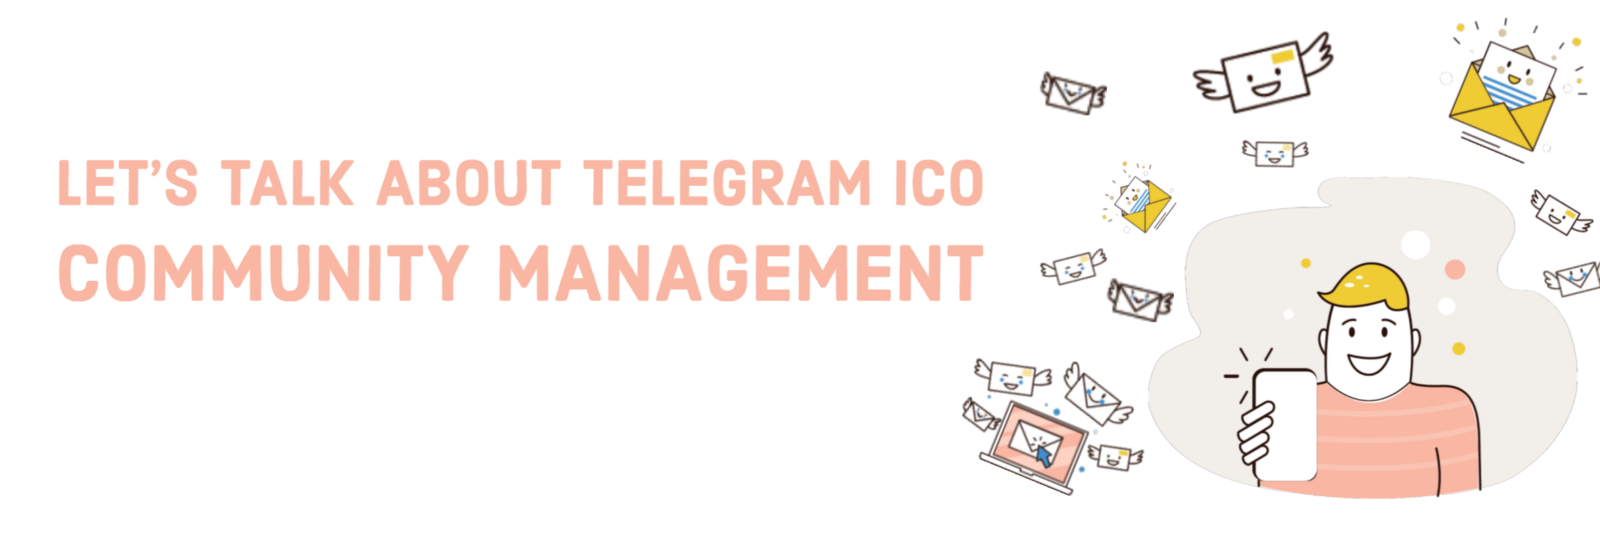 /lets-talk-about-telegram-ico-community-management-28b5d74339fc feature image